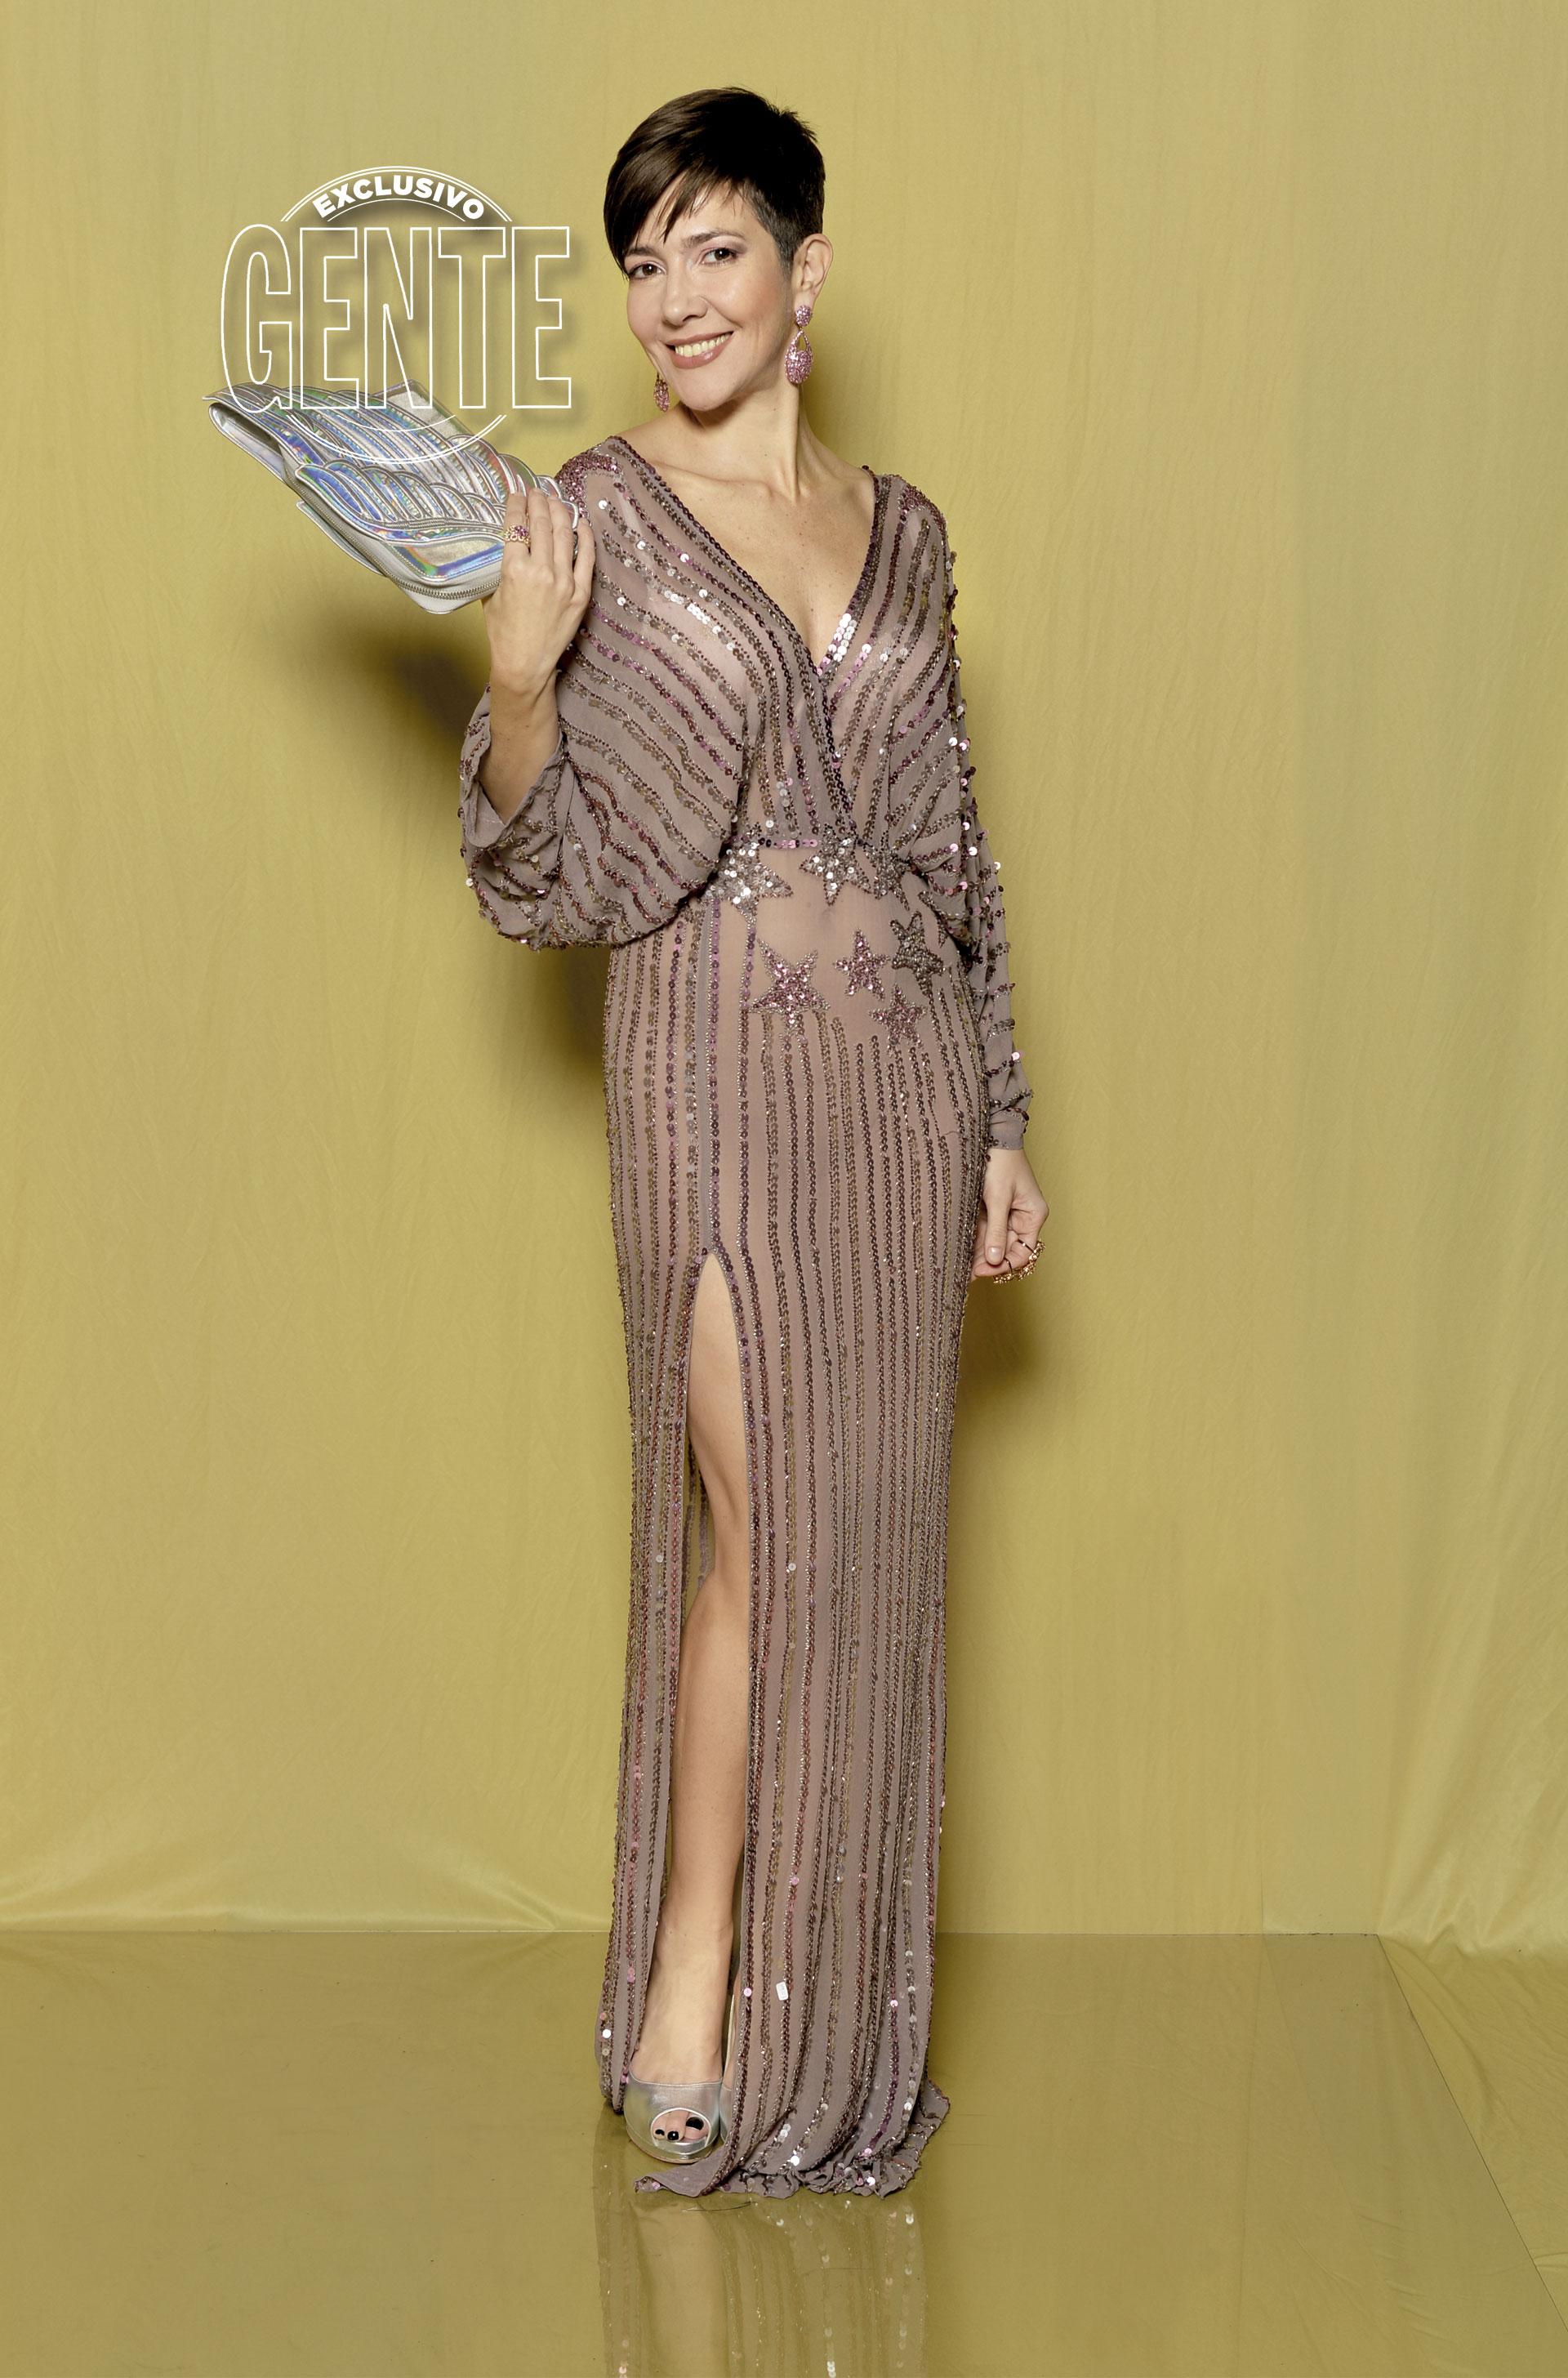 Cristina Pérez: Vestido en bordado vertical de Liguria, zapatos Ricky Sarkany, aros Jean Pierre y sobre de su colección.